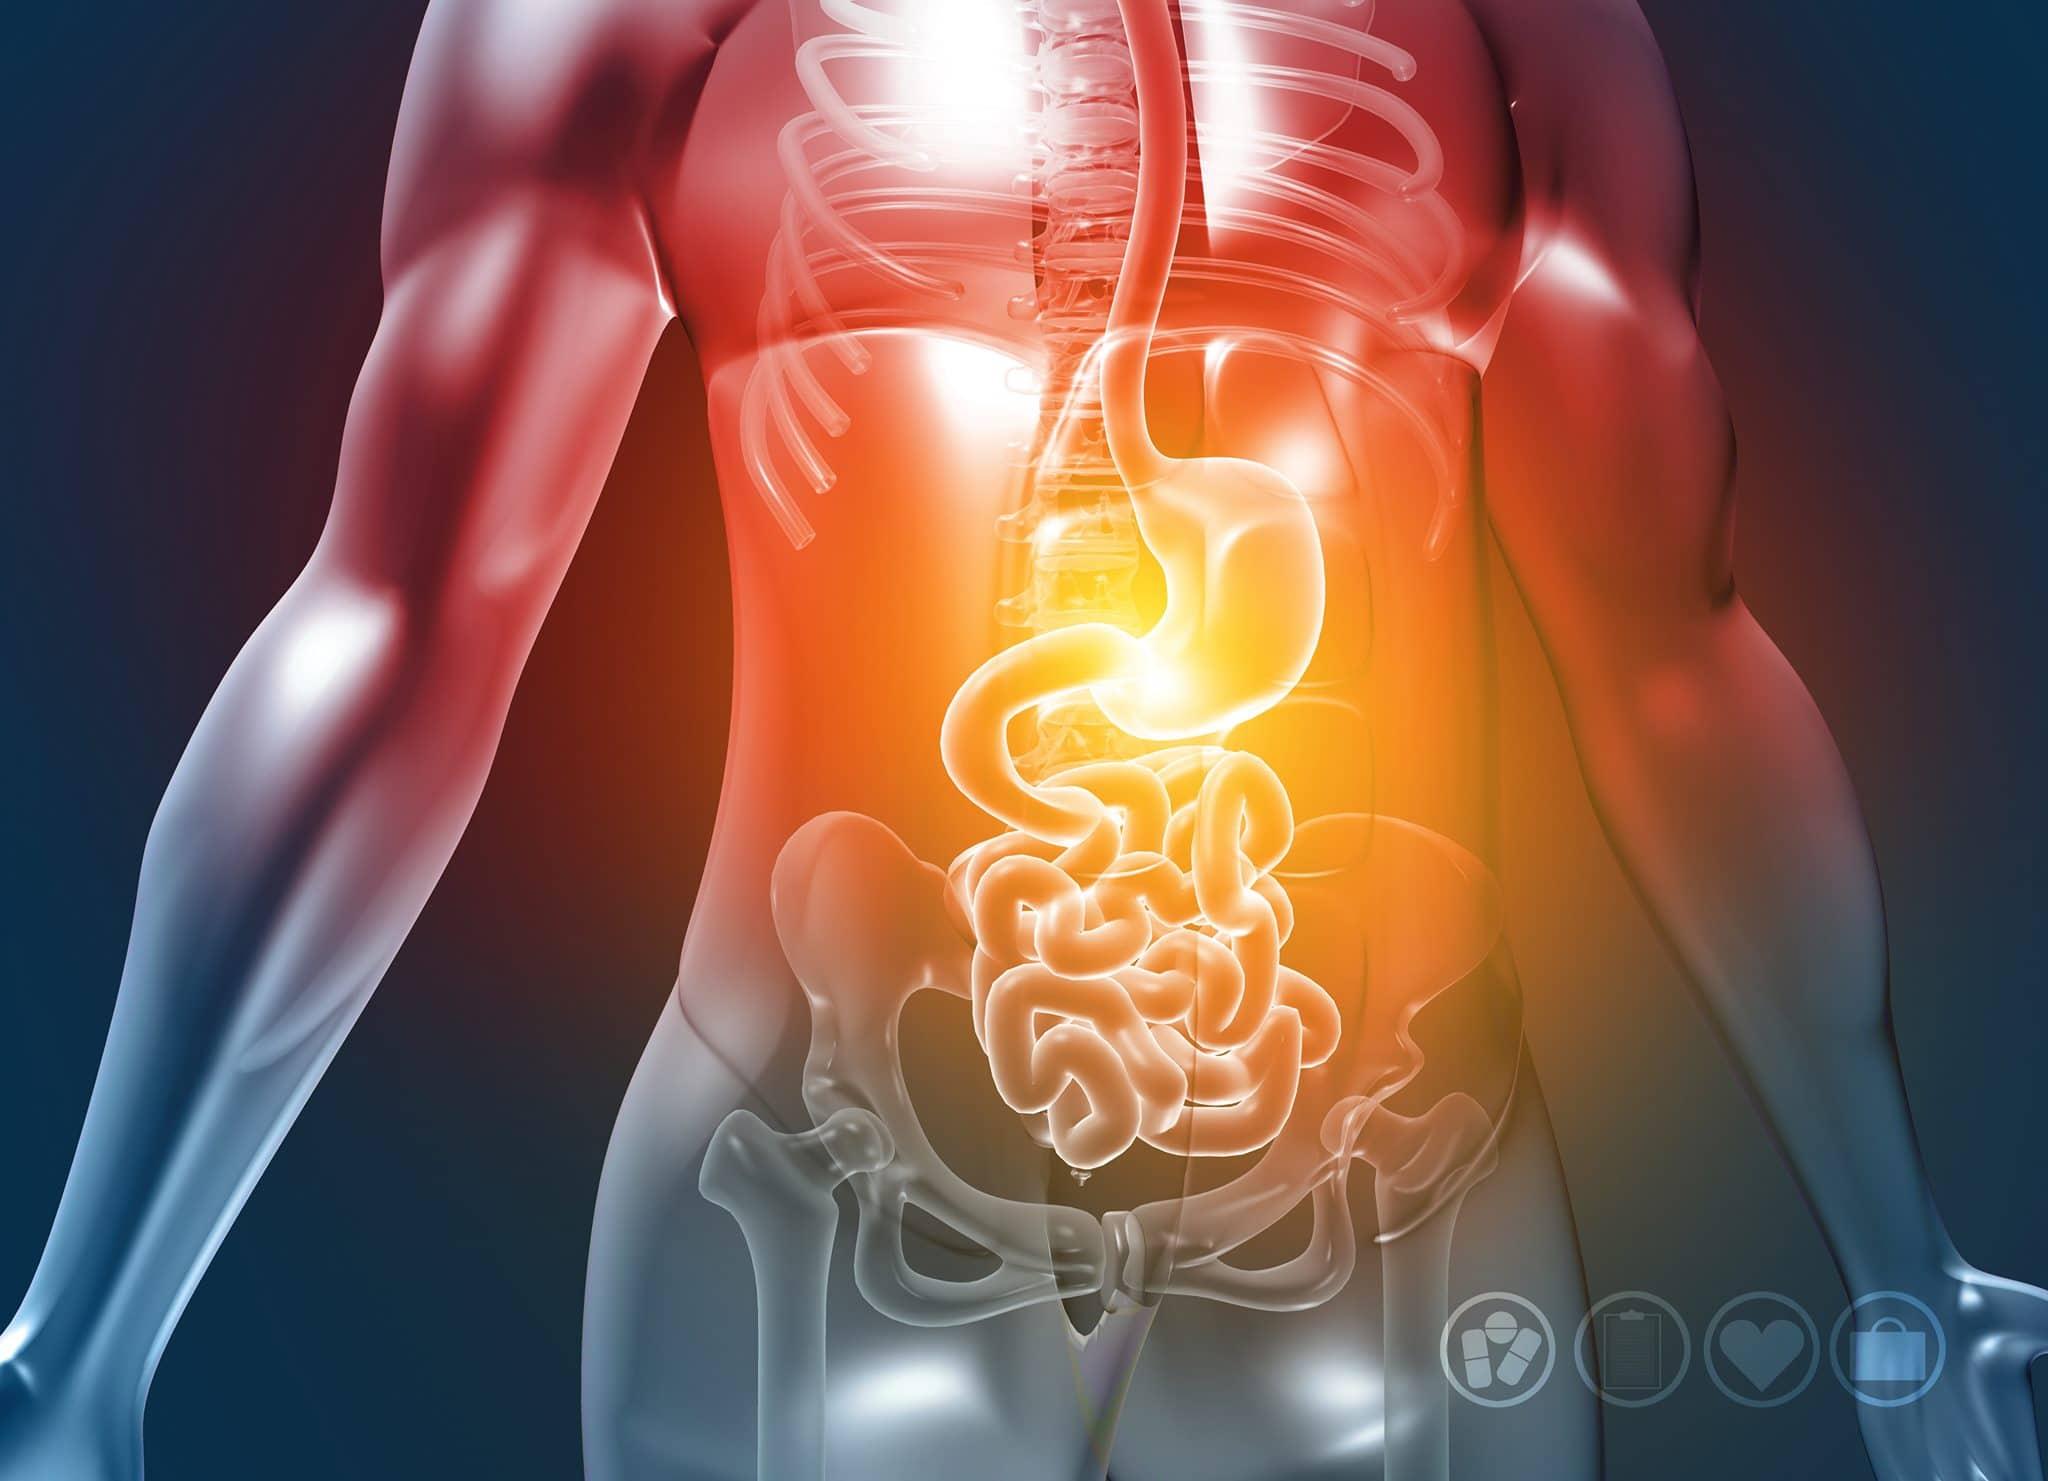 Oorzaken en oplossingen voor colitis ulcerosa en crohn